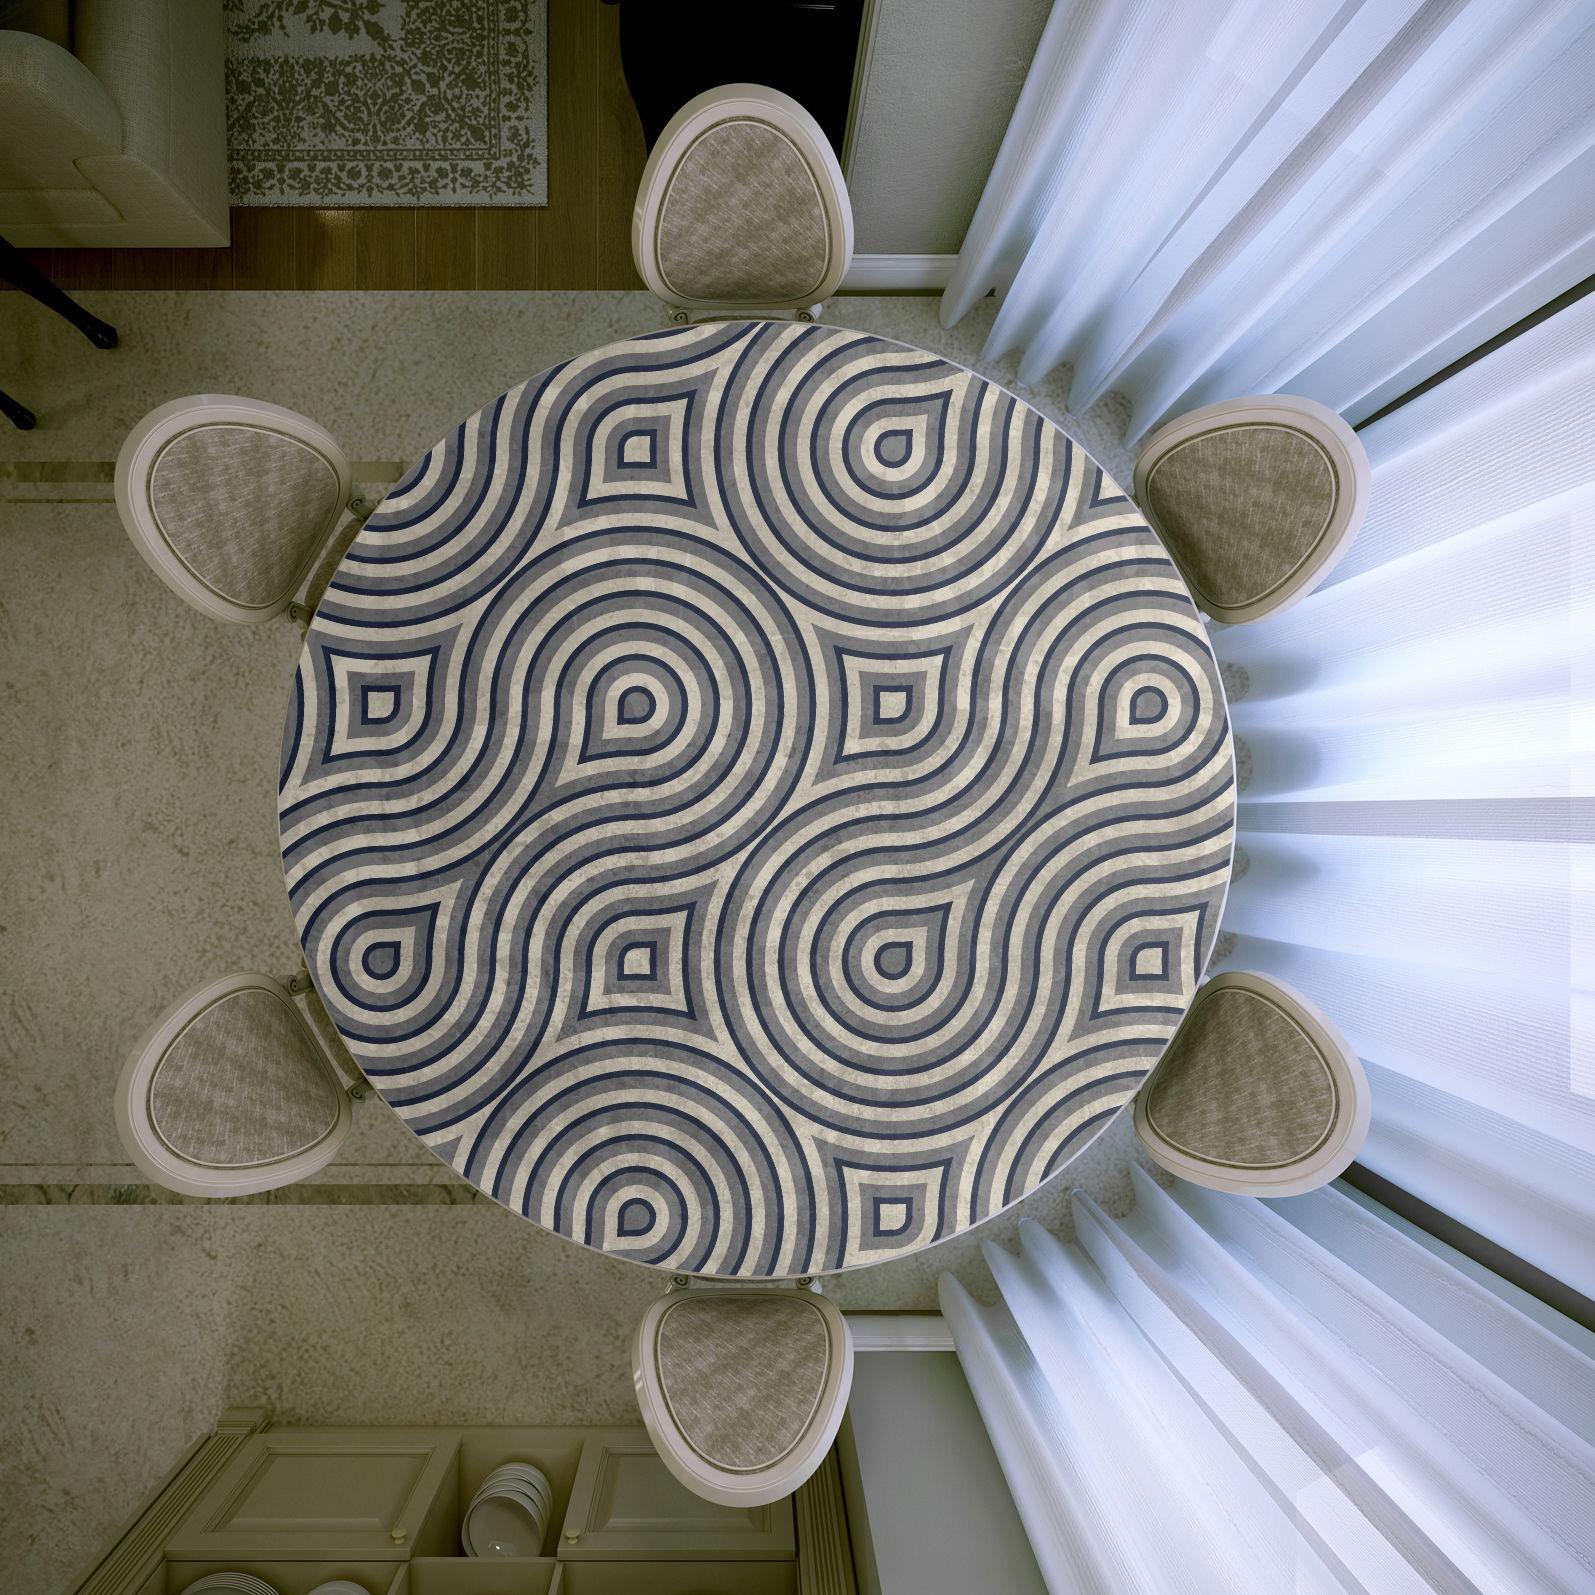 Декор Стола Рабочего Деревянного, Обеденного Или Журнального Своими Руками Цветами, Тканью и Стеклом